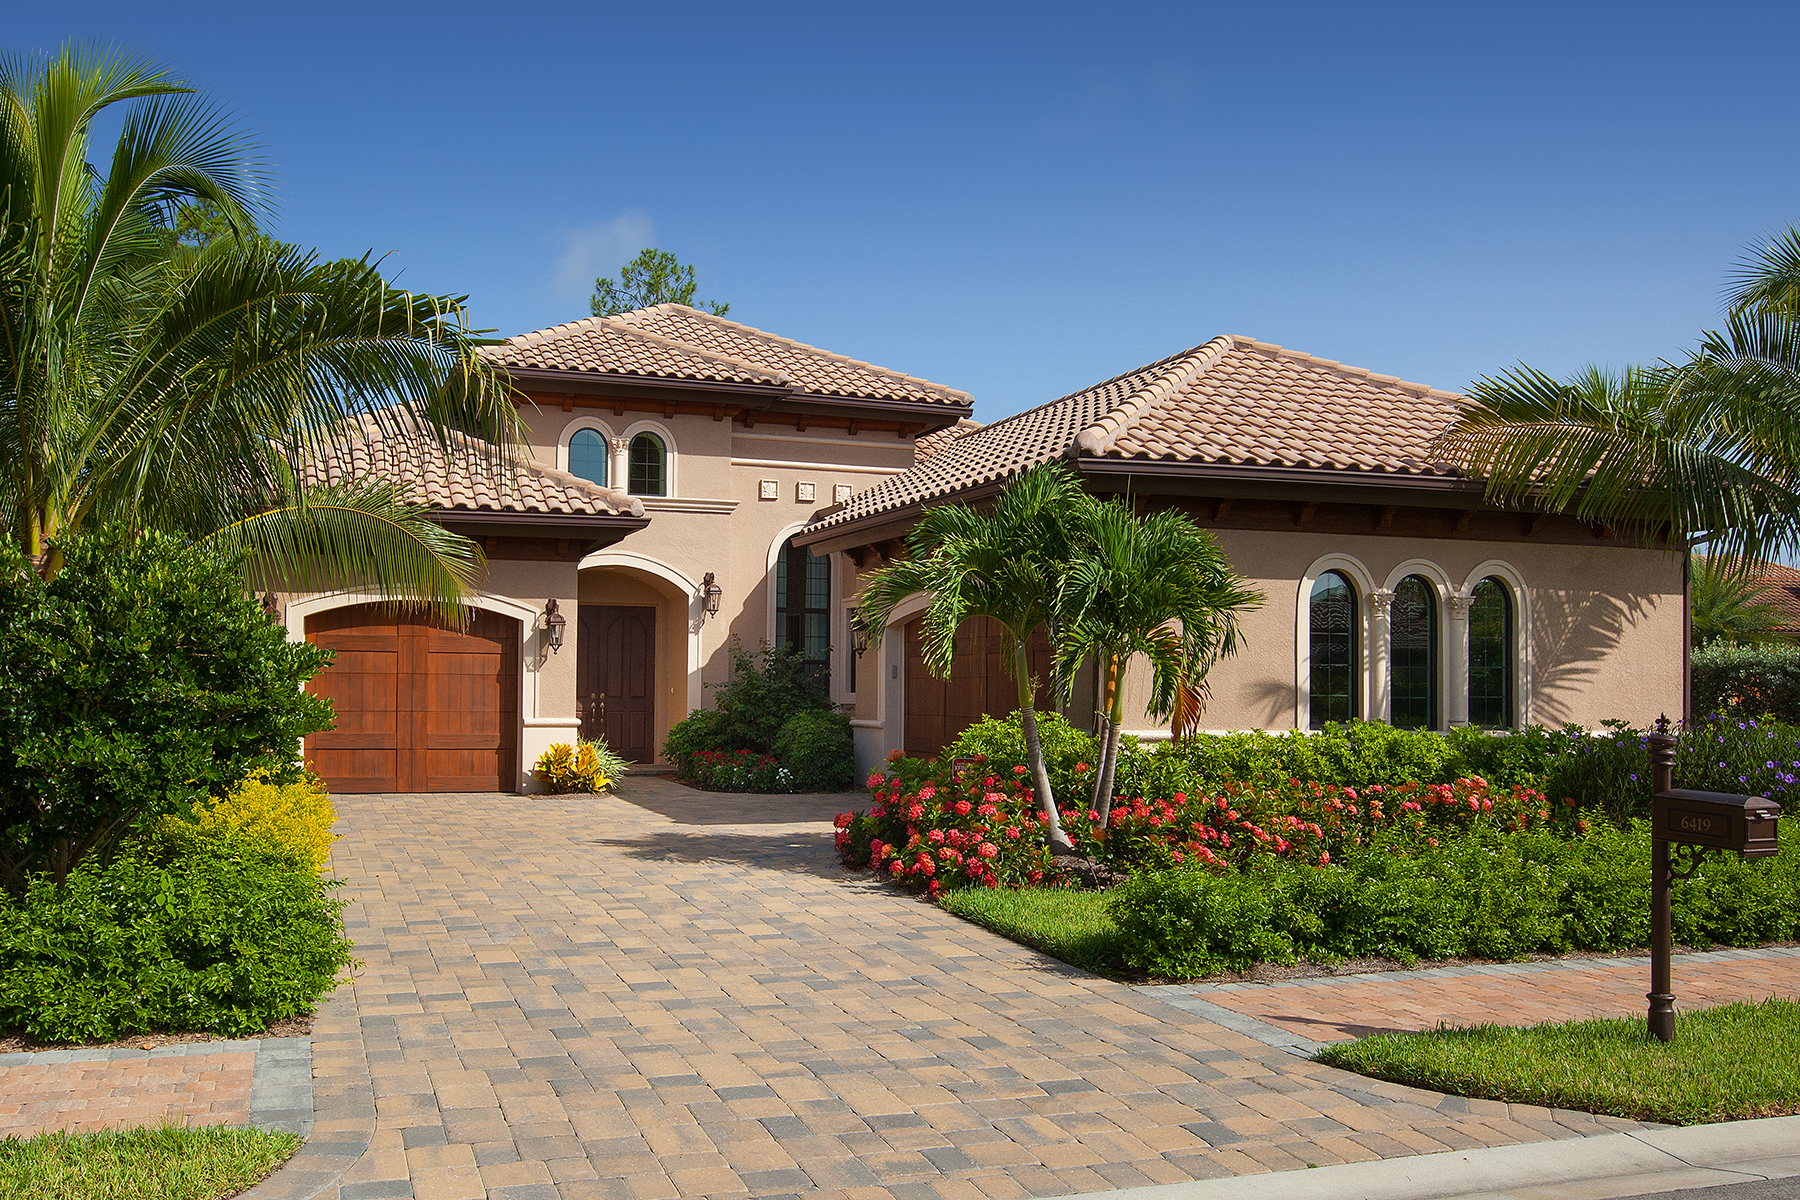 Maison unifamiliale pour l Vente à LELY RESORT - LAKOYA 6419 Vivaldi Ct Naples, Florida 34113 États-Unis